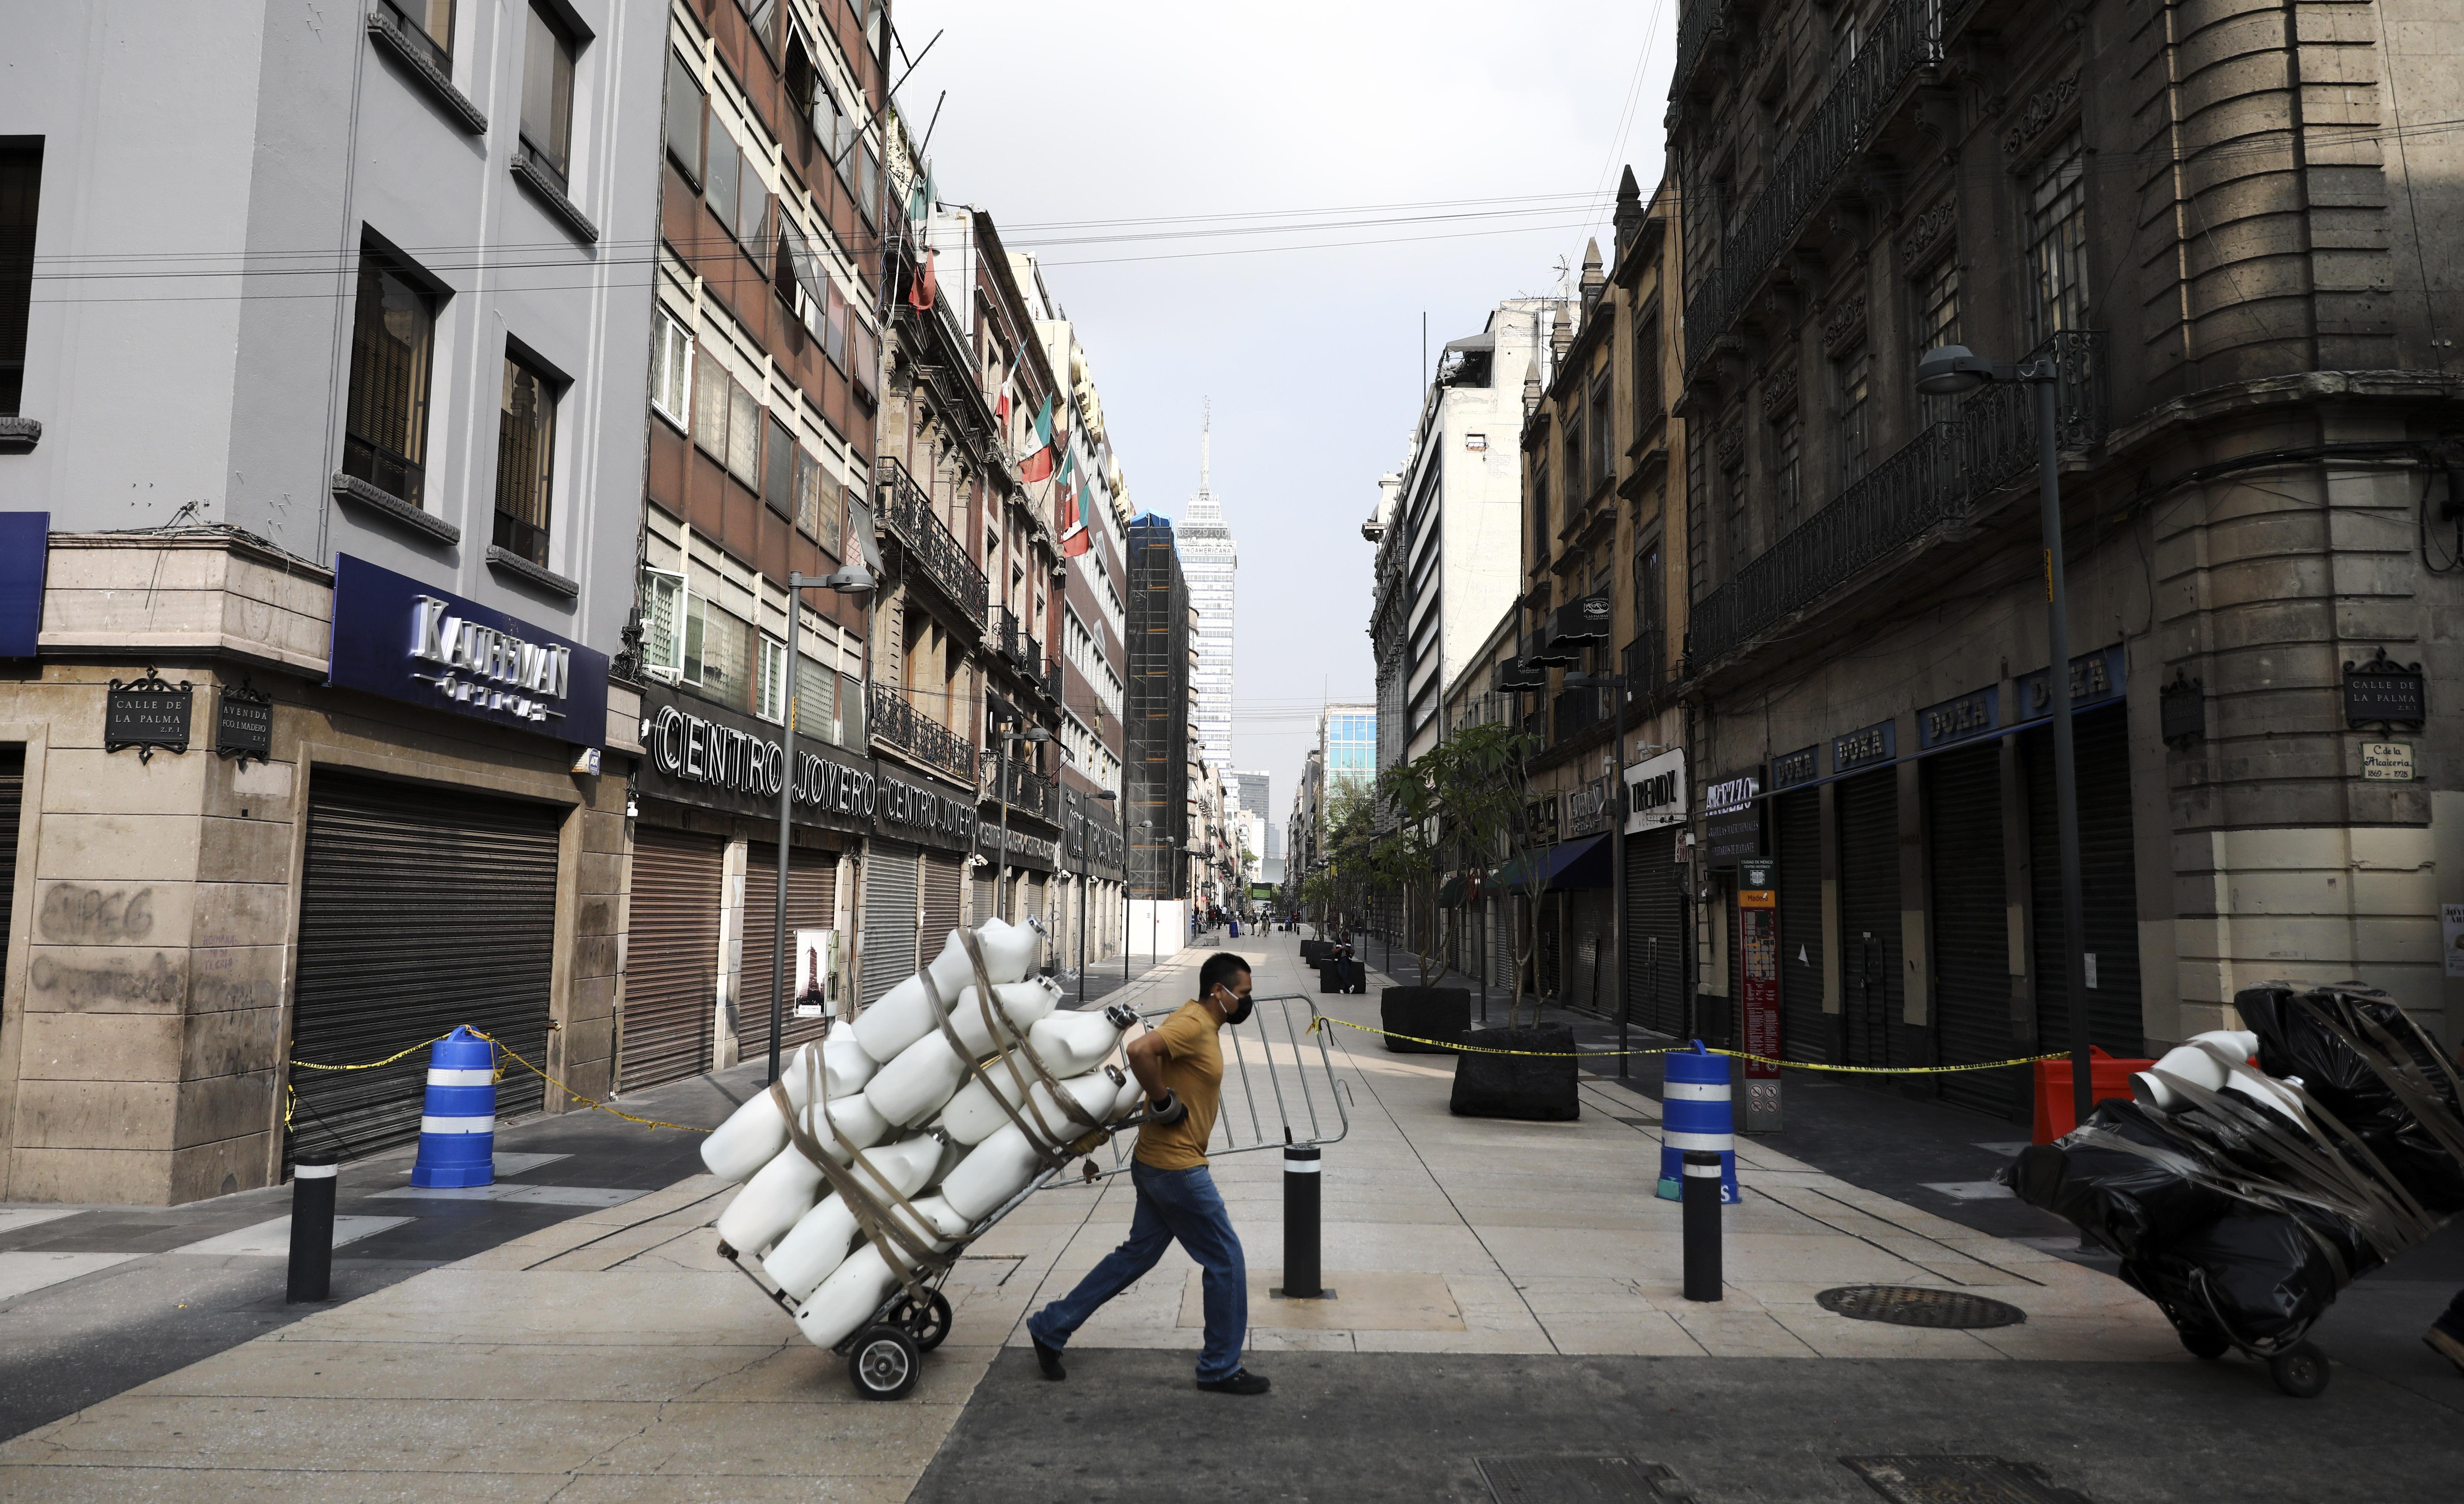 Un hombre lleva maniquíes en la Ciudad de México, el lunes 29 de junio de 2020. (Foto: AP / Eduardo Verdugo)